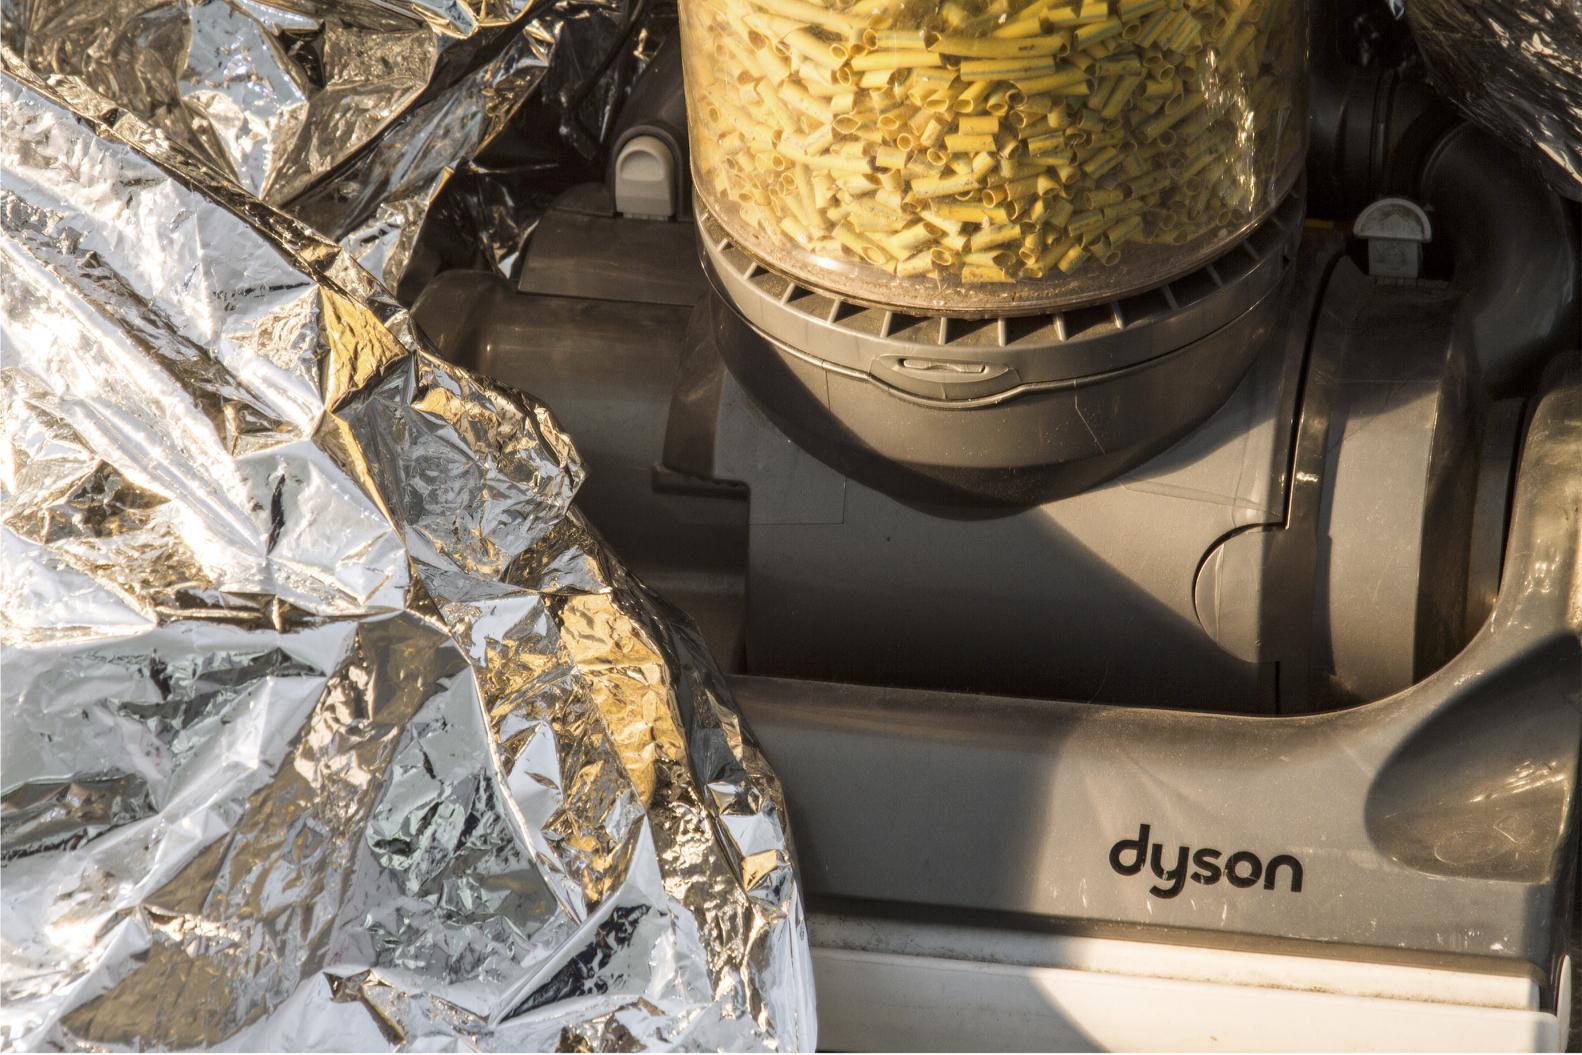 Dyson detail